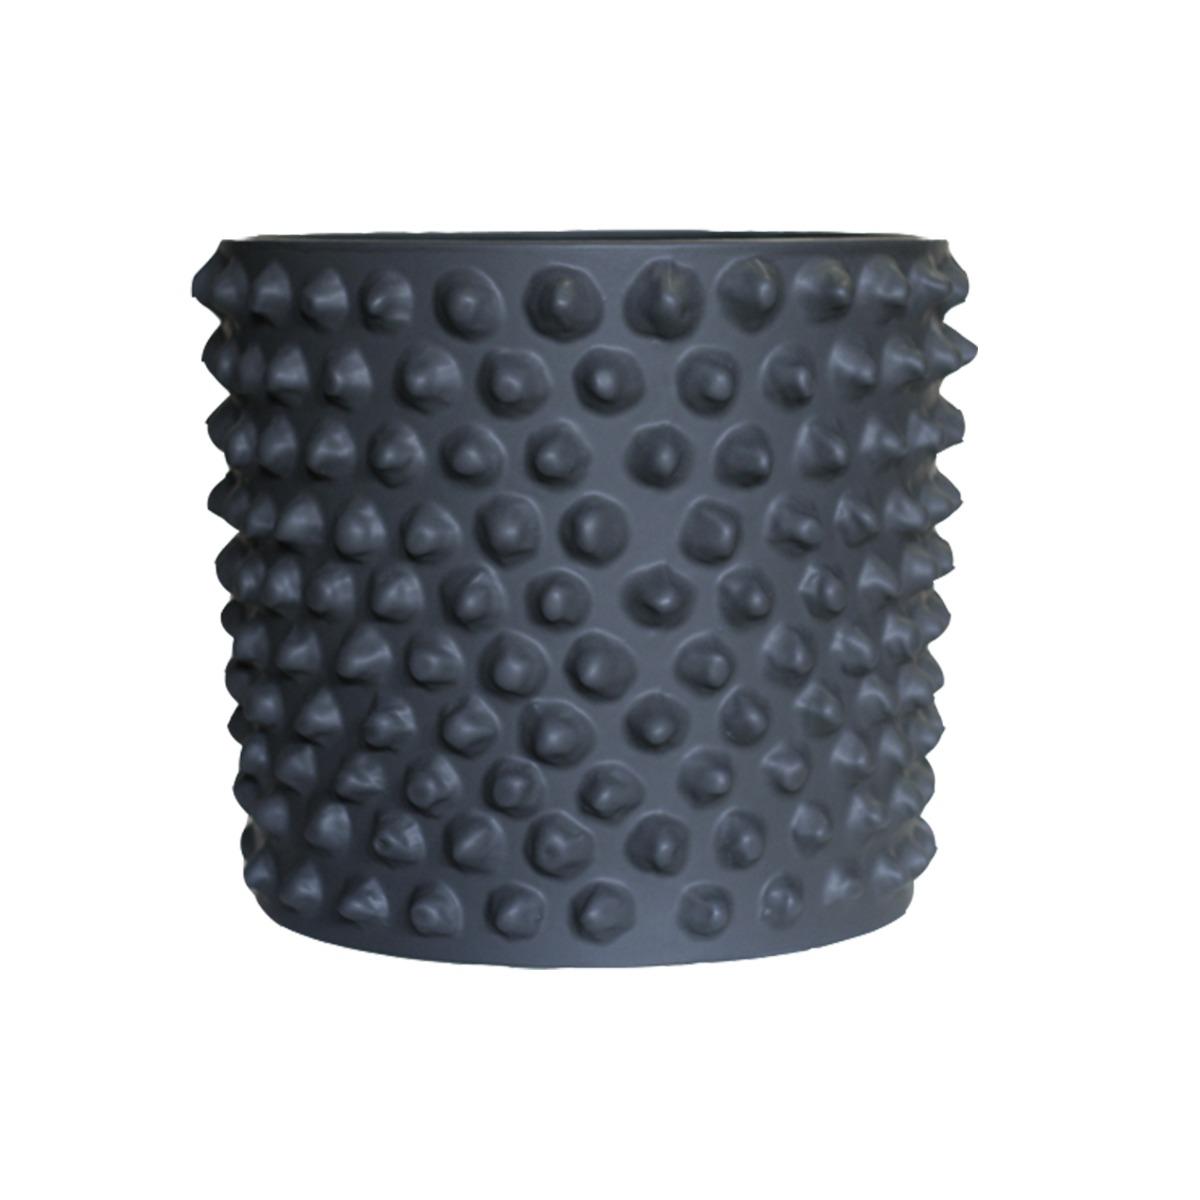 DBKD Pot CLOUDY dark grey M